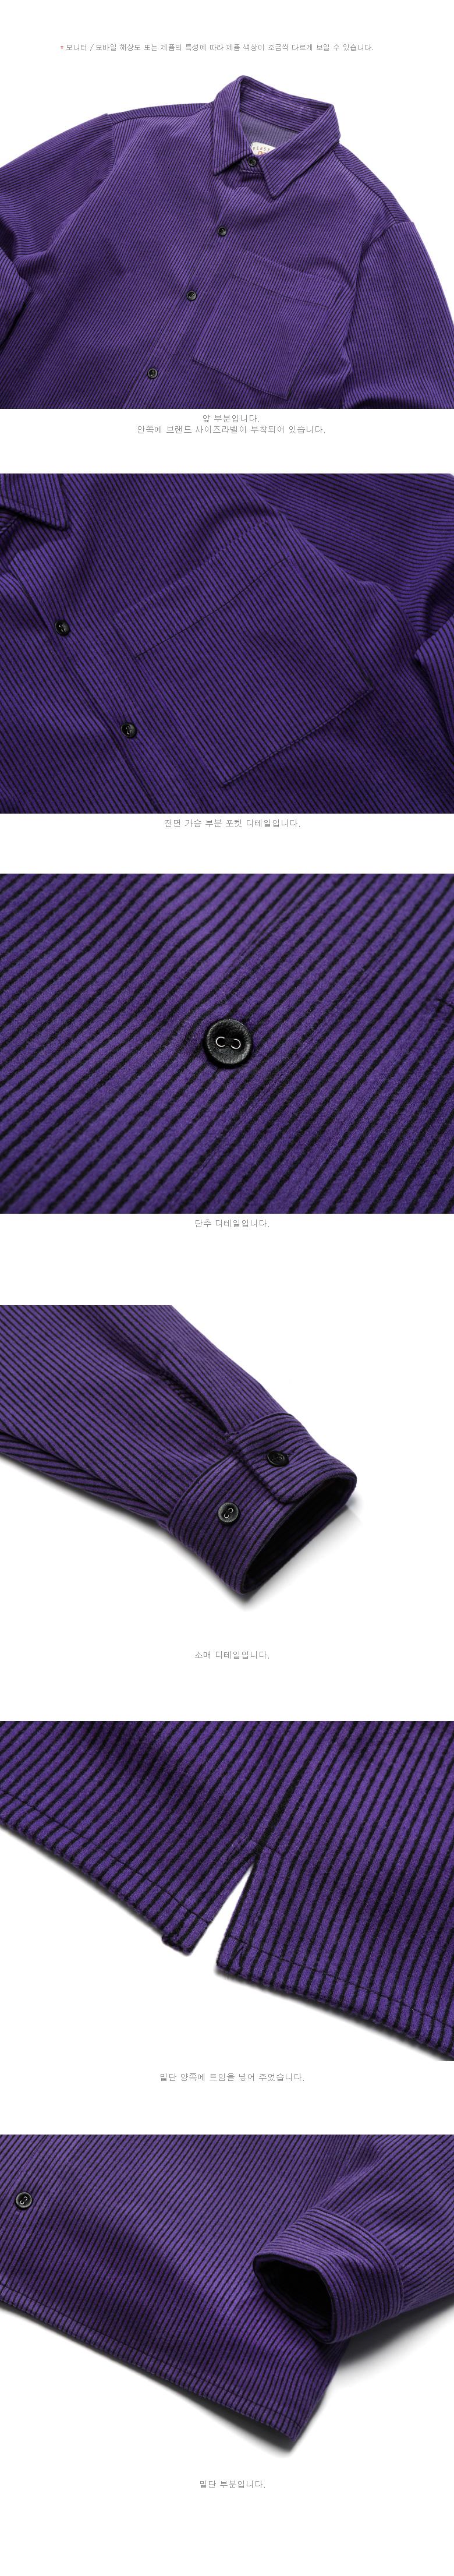 4305_detail_purple_ms_02.jpg